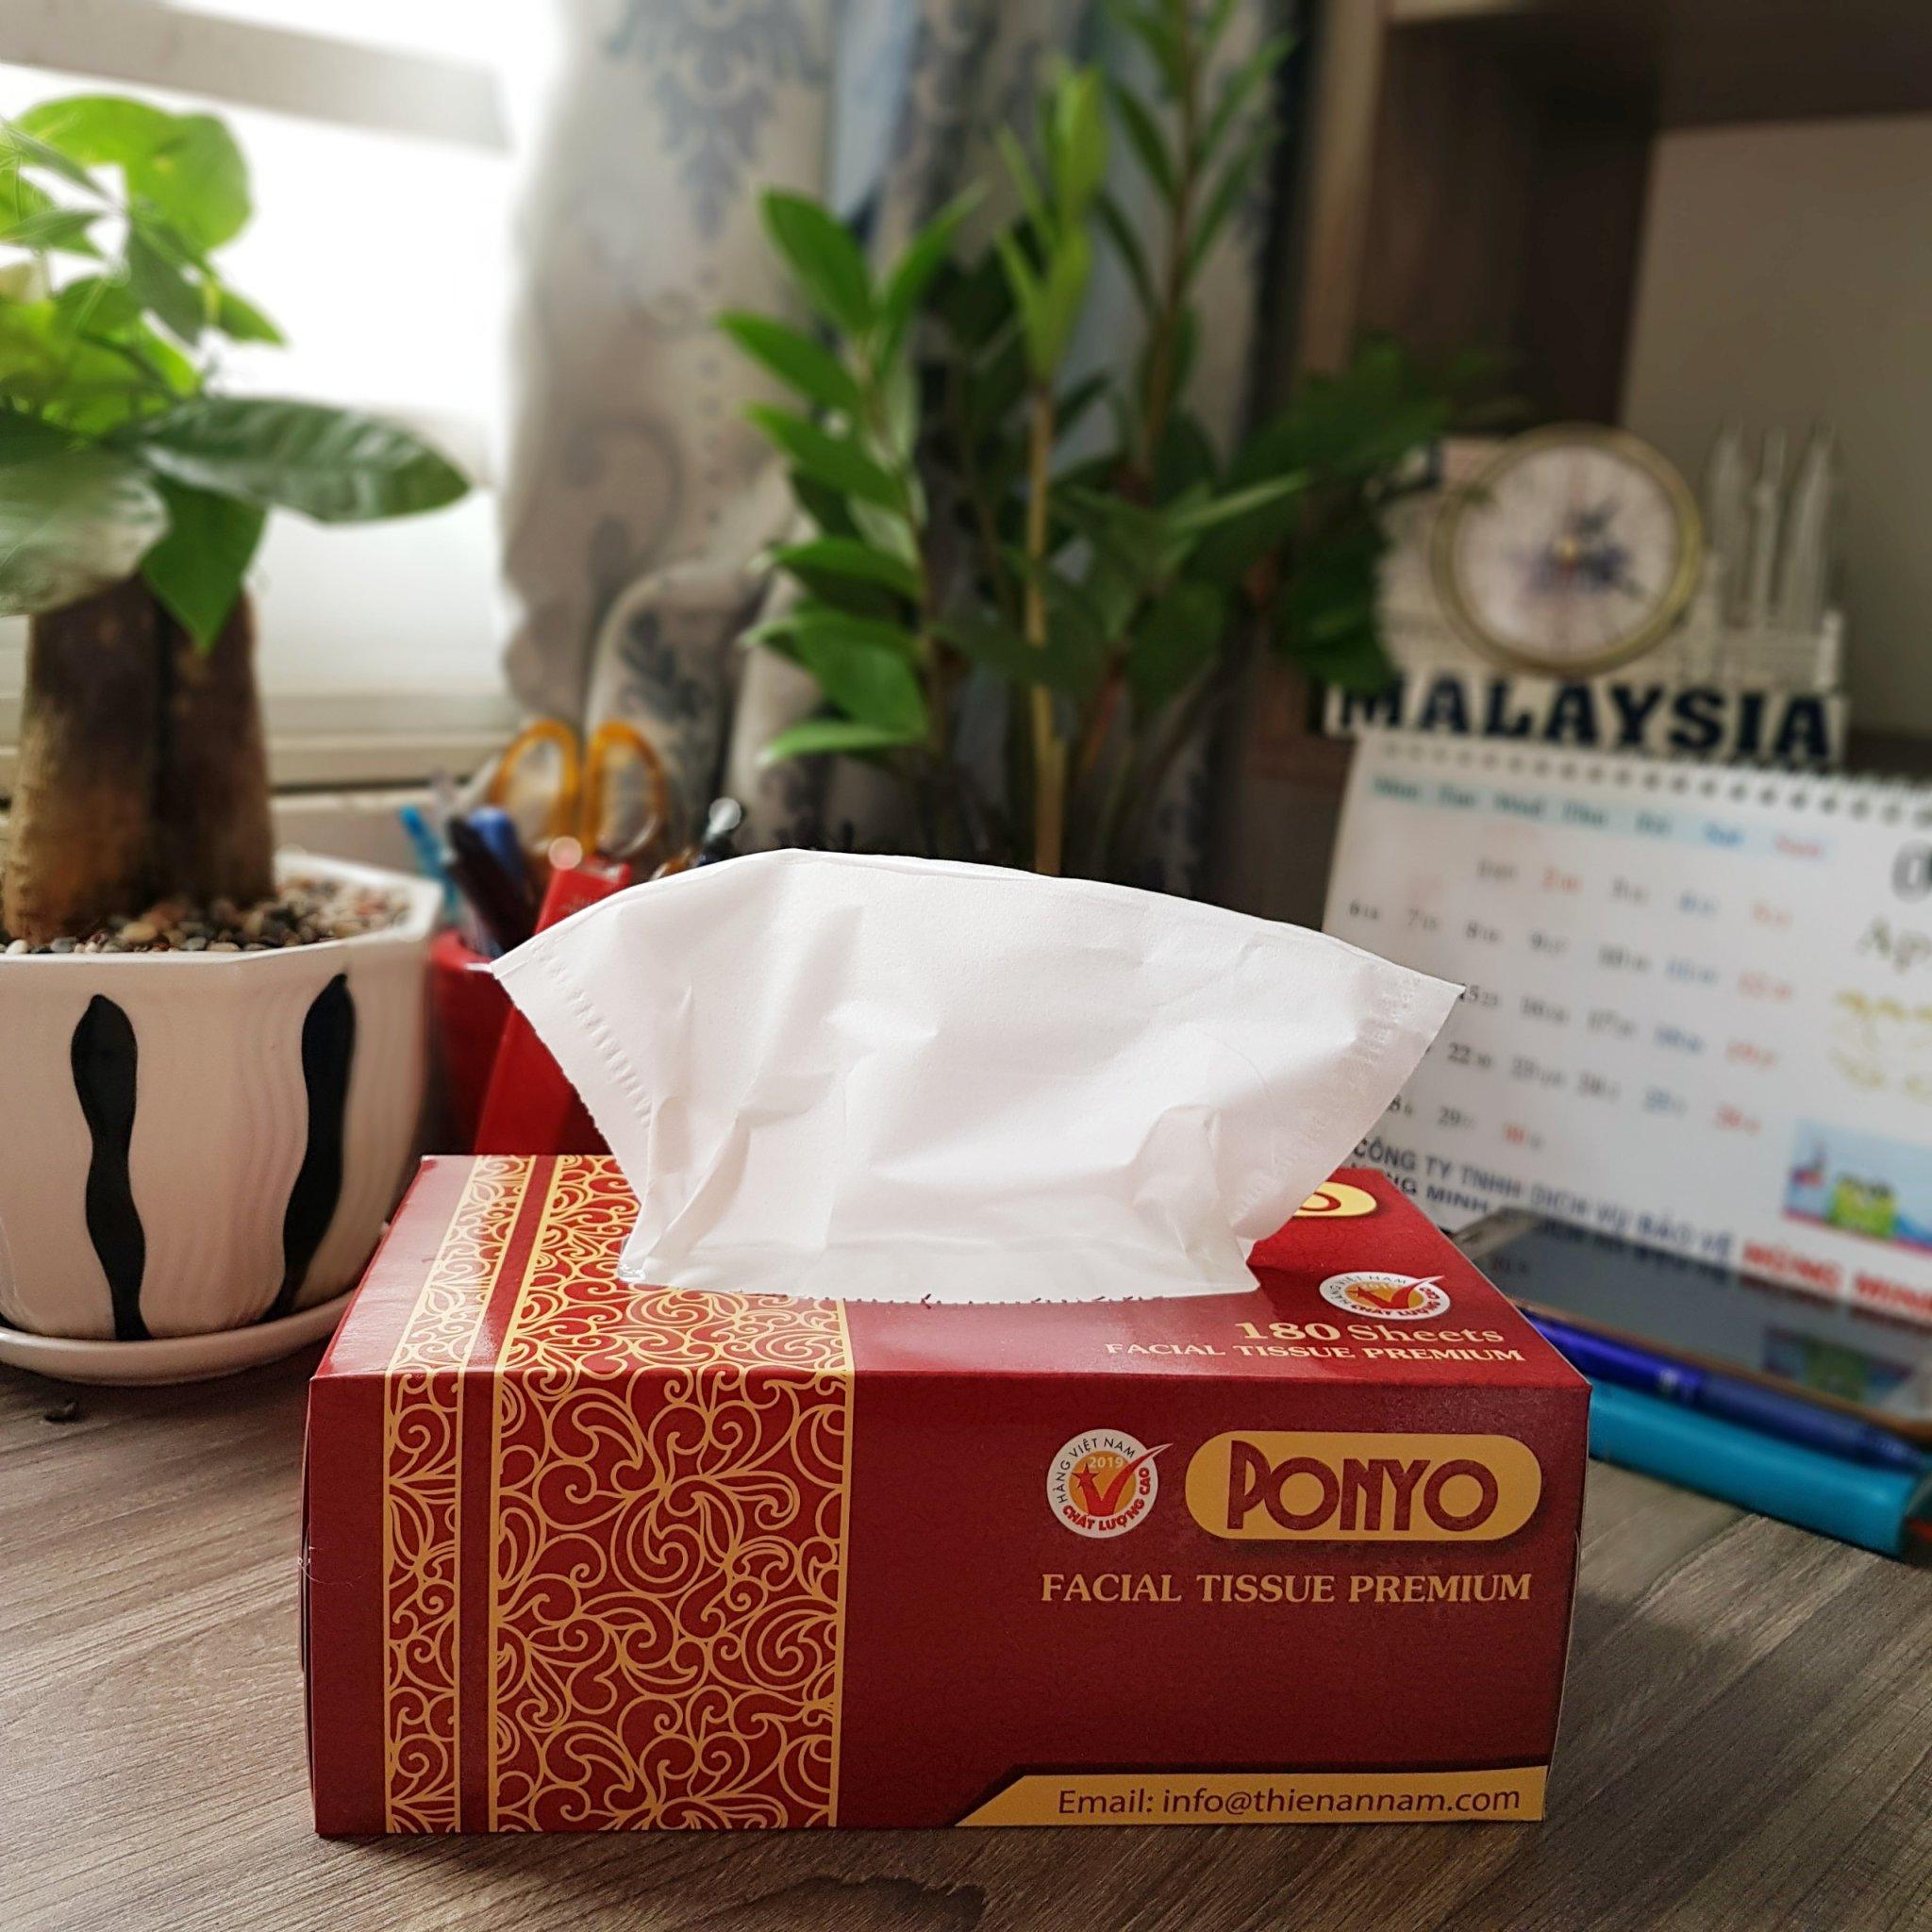 Thùng (12 hộp) khăn giấy hộp cao cấp PONYO - 180 tờ/ hộp - 180x200mm